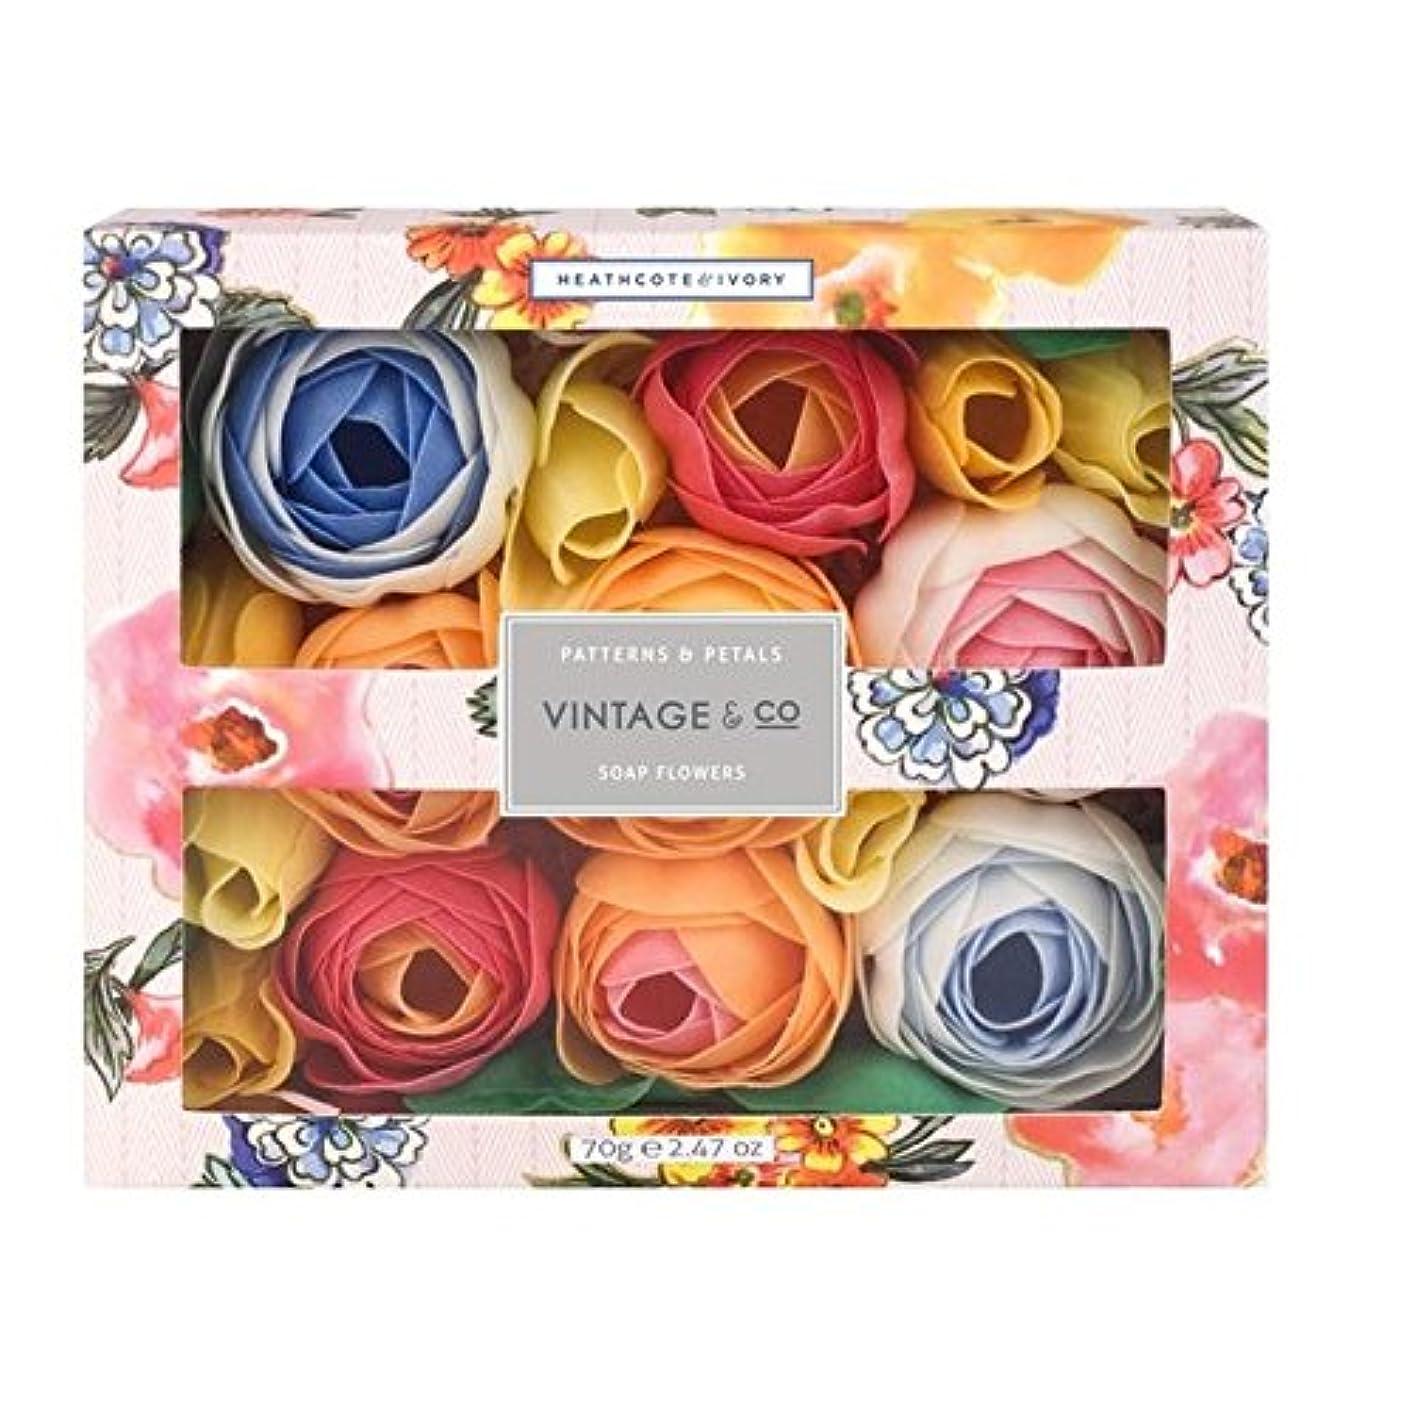 天文学語彼はHeathcote & Ivory Patterns & Petals Soap Flowers 70g - ヒースコート&アイボリーパターン&花びら石鹸の花70グラム [並行輸入品]